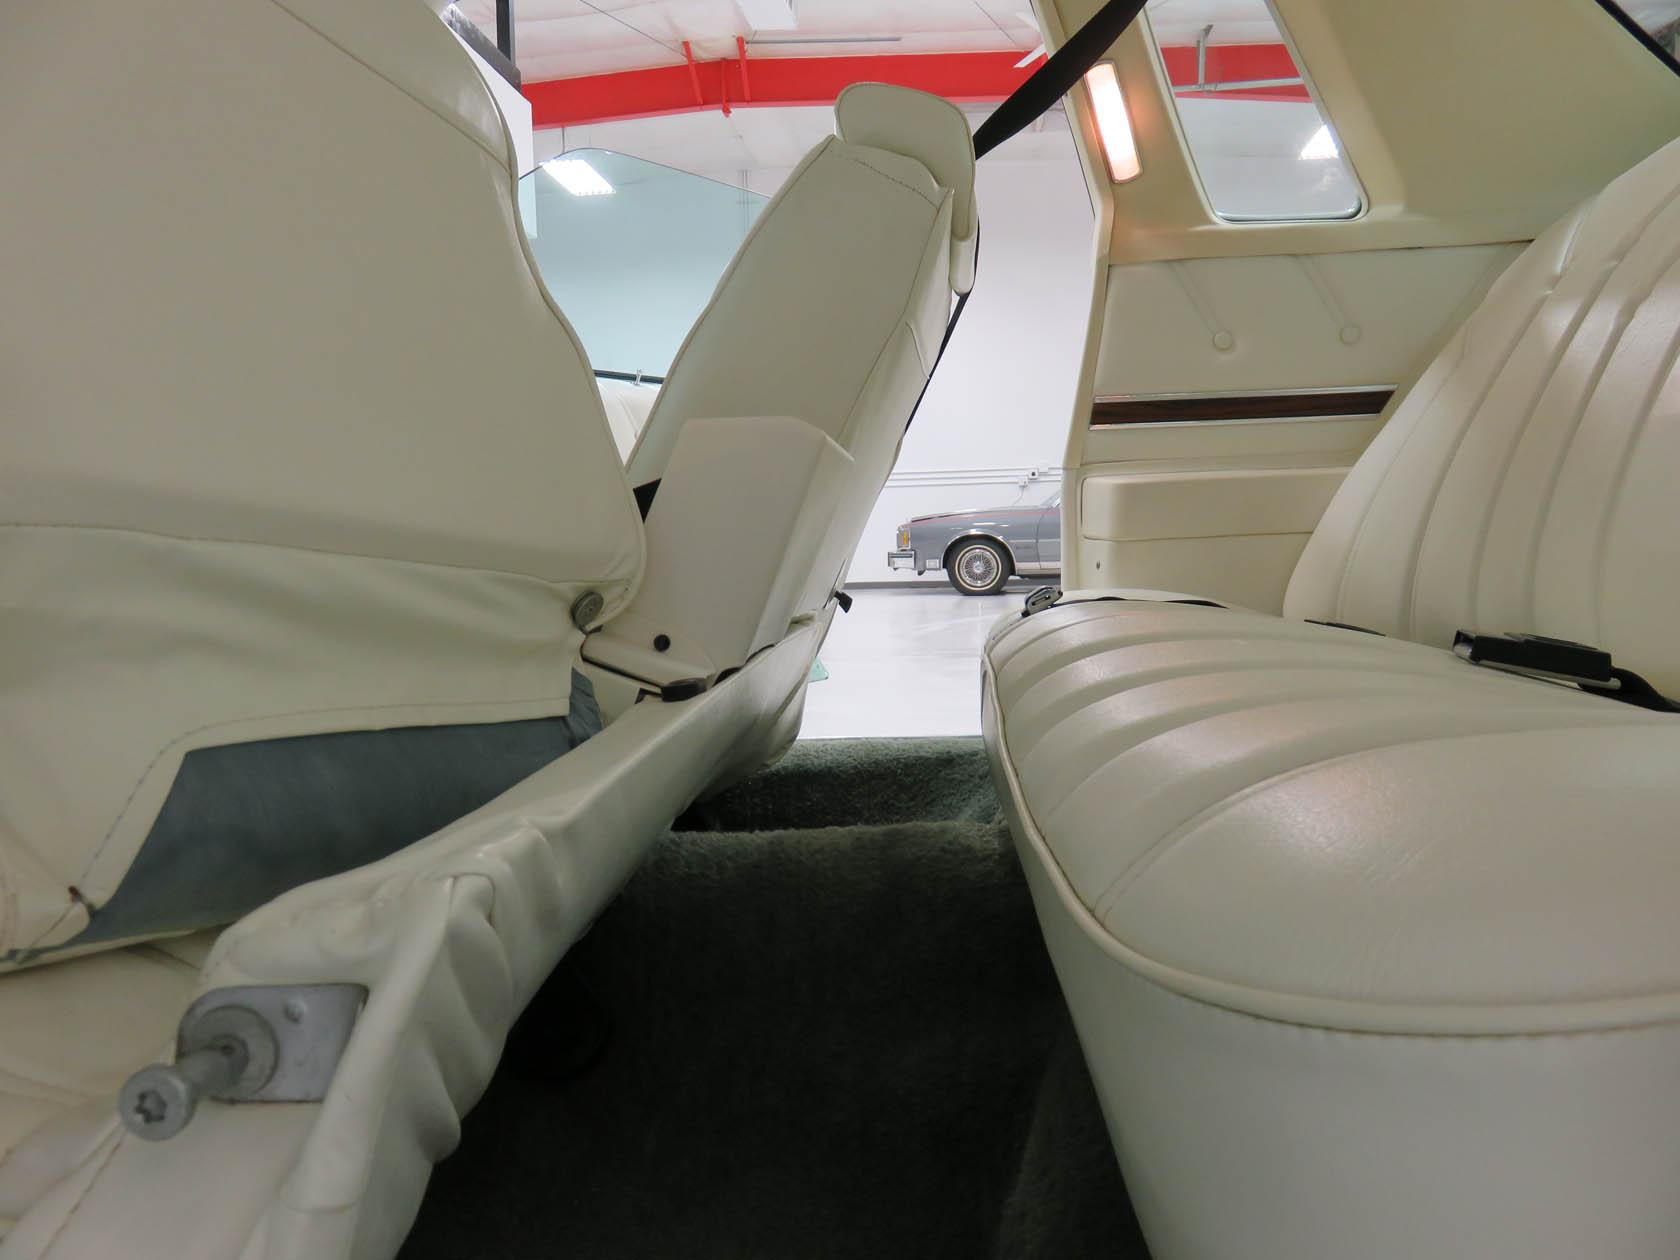 Michael Esposito - 1974 Oldsmobile Cutlasss Supreme 444